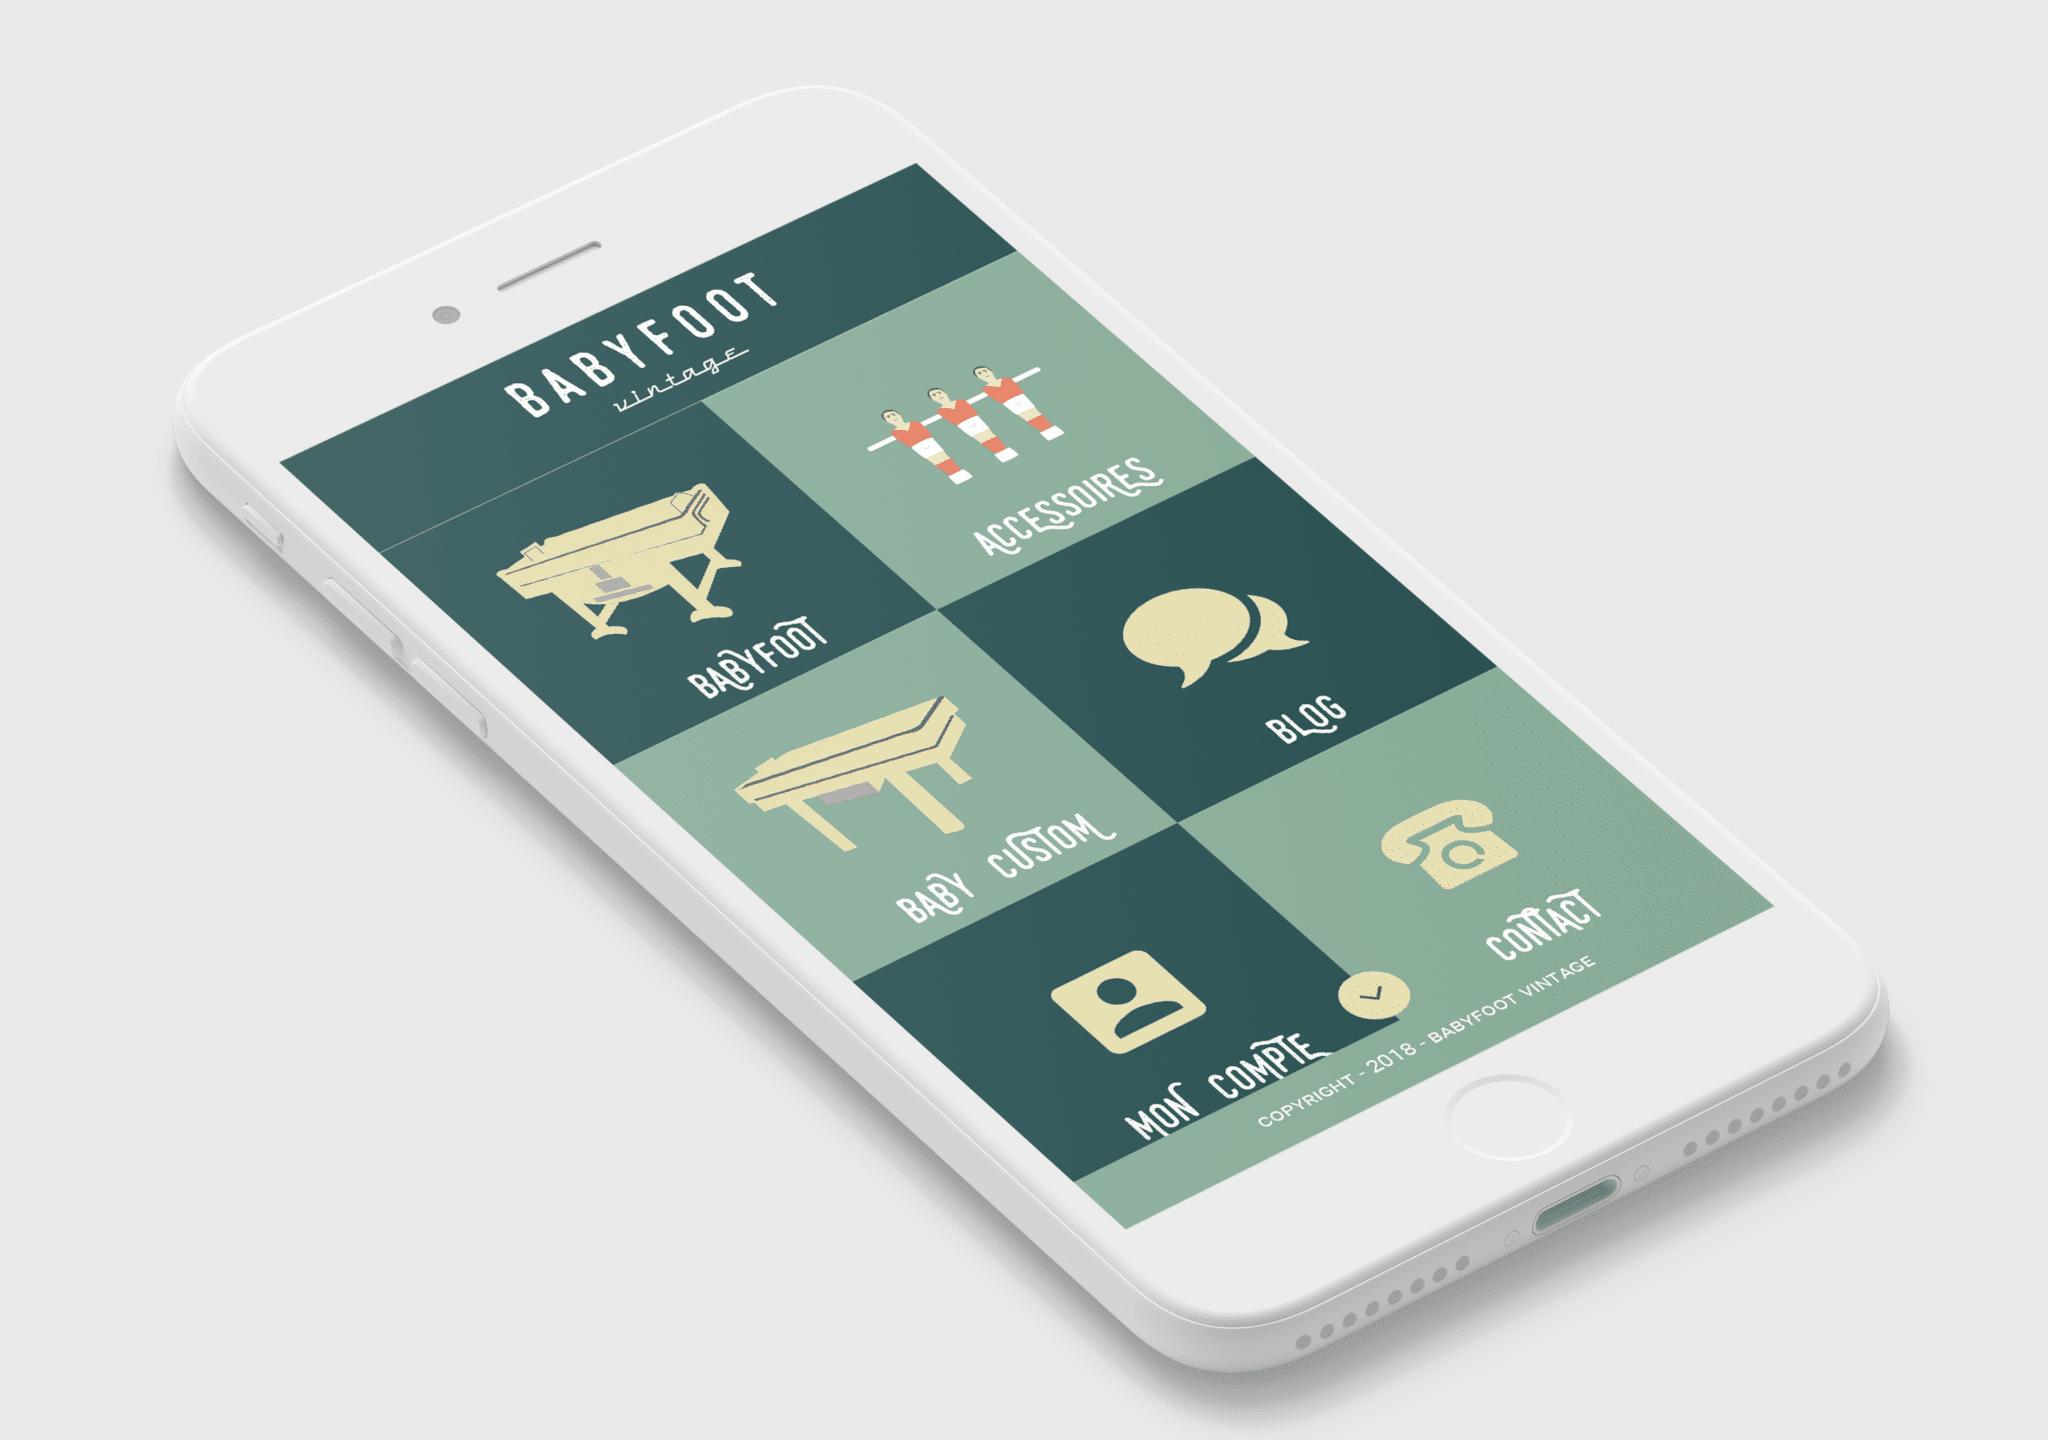 Photo du menu style metro de l'application mobile